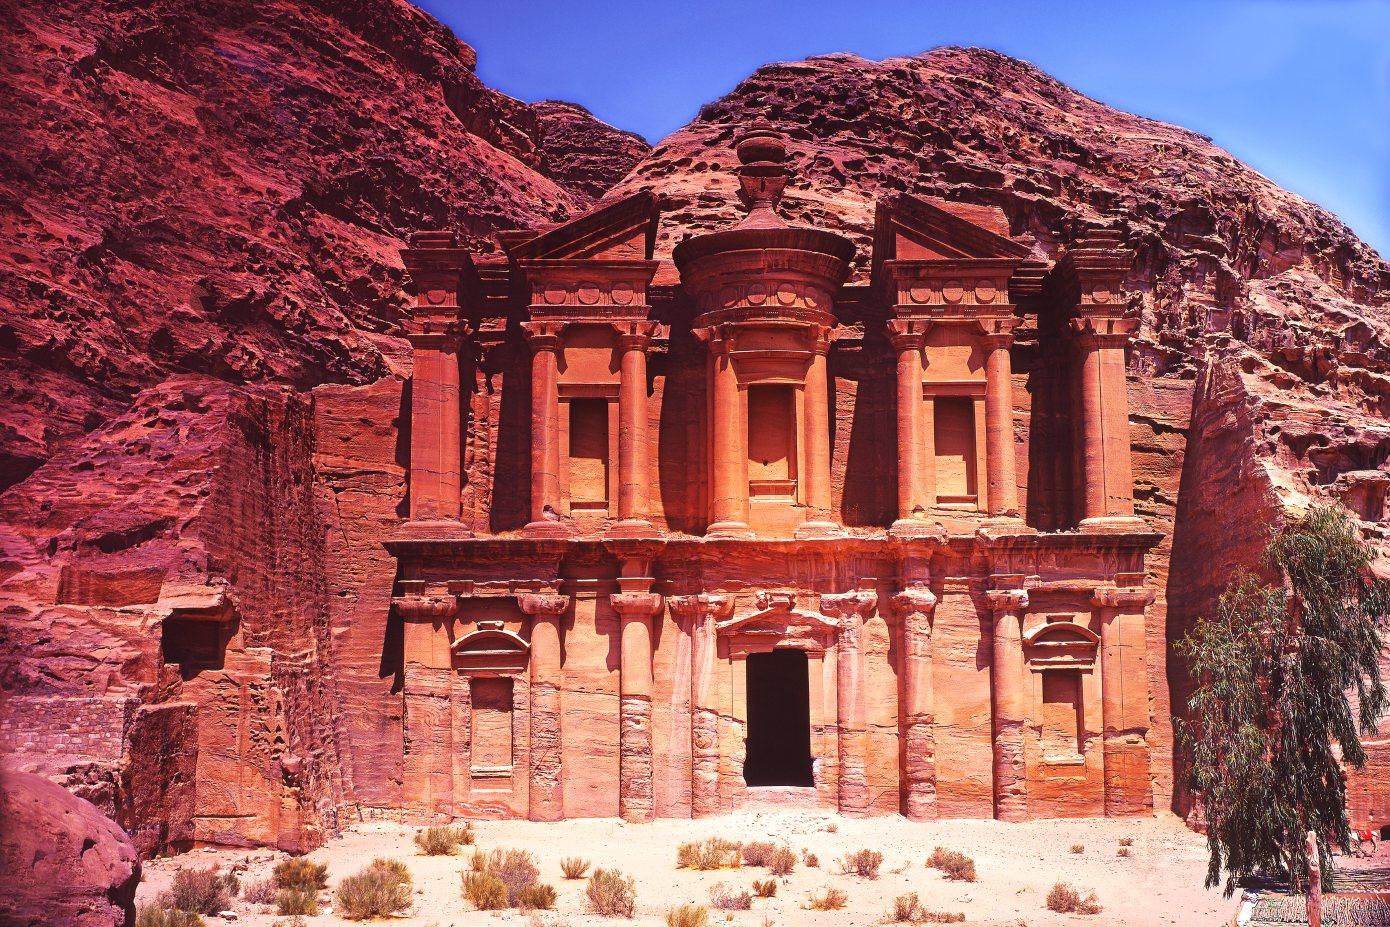 Jordania bezpośrednio – jedna z najlepszych cen w historii!